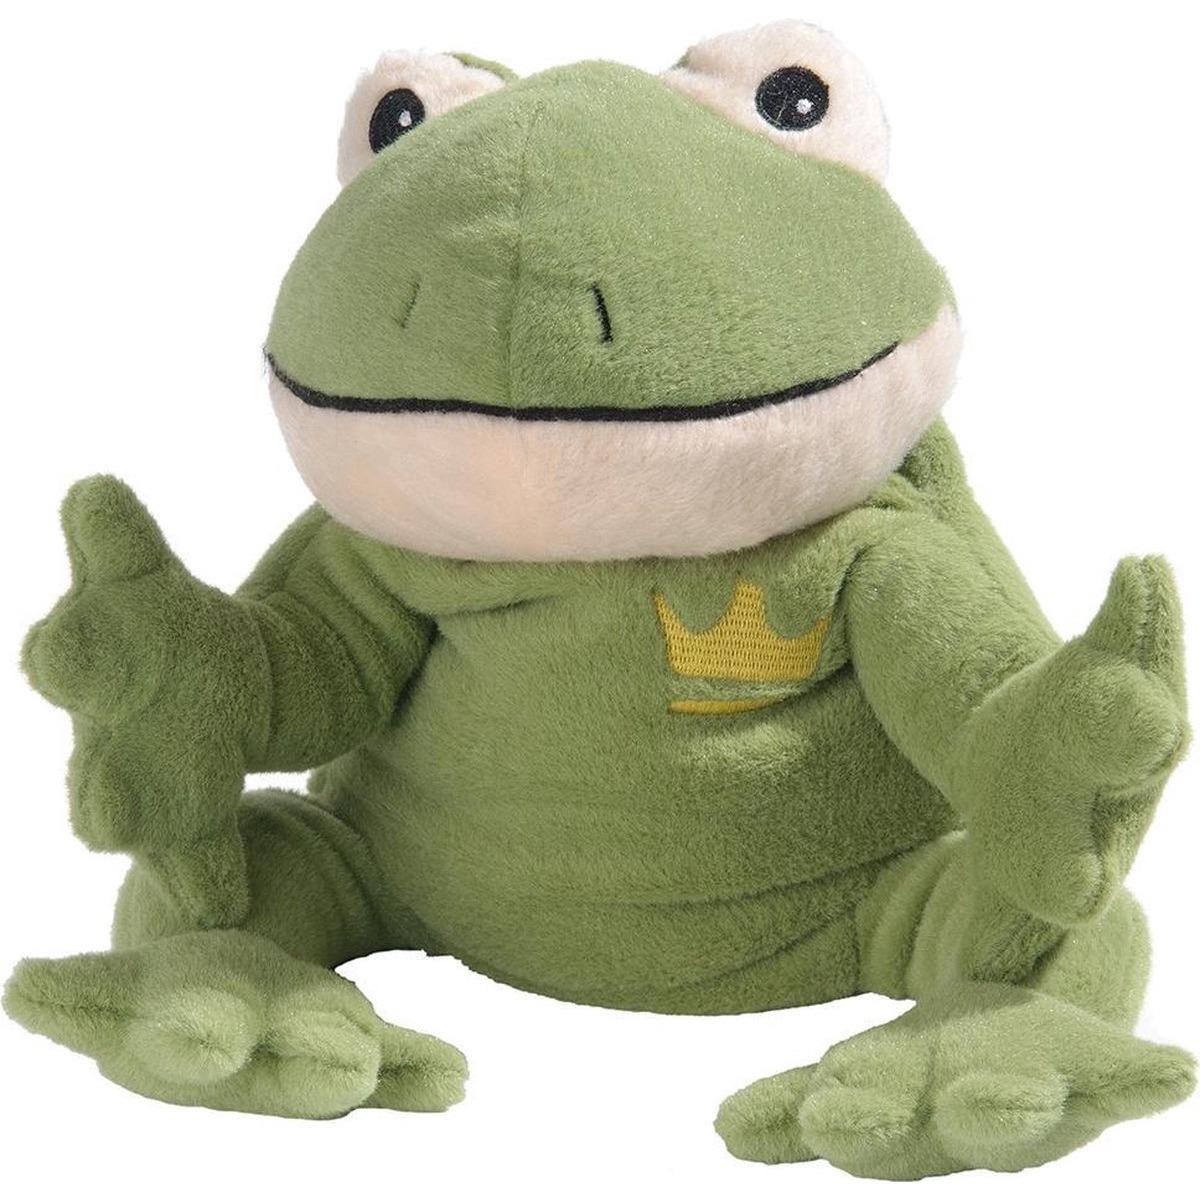 Warmteknuffel kikker groen 35 cm knuffels kopen